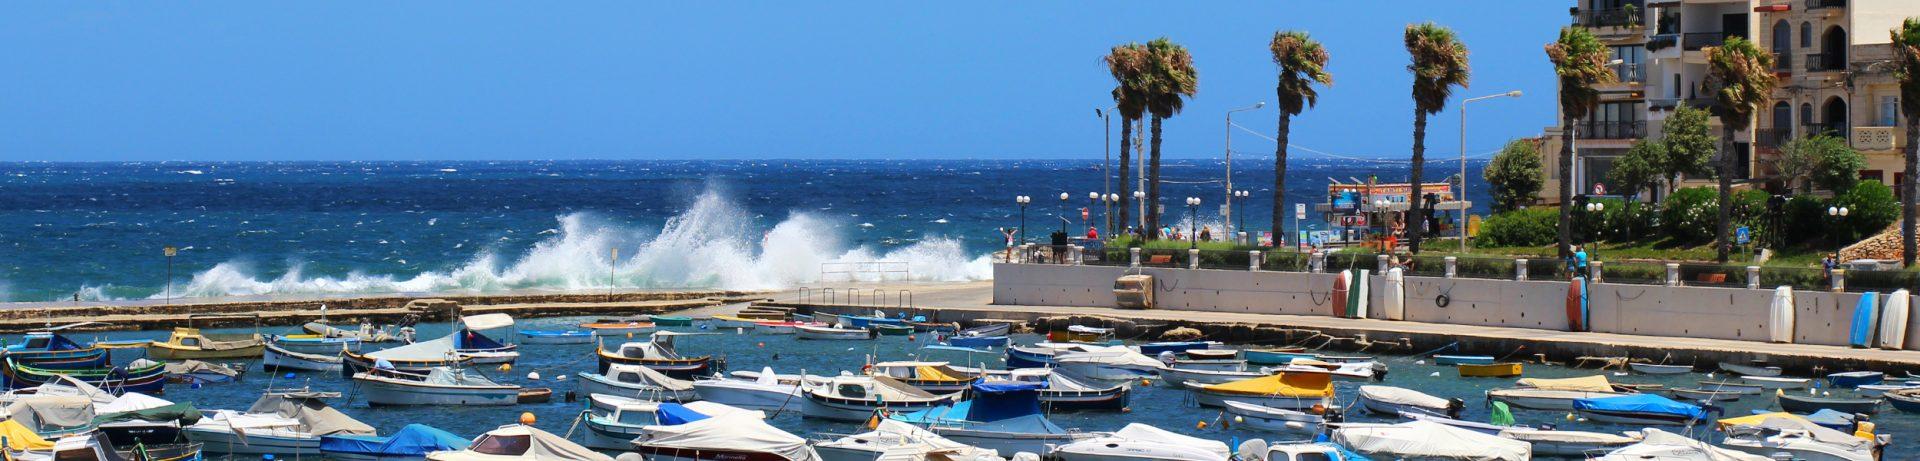 Buġibba Bay naMalcie